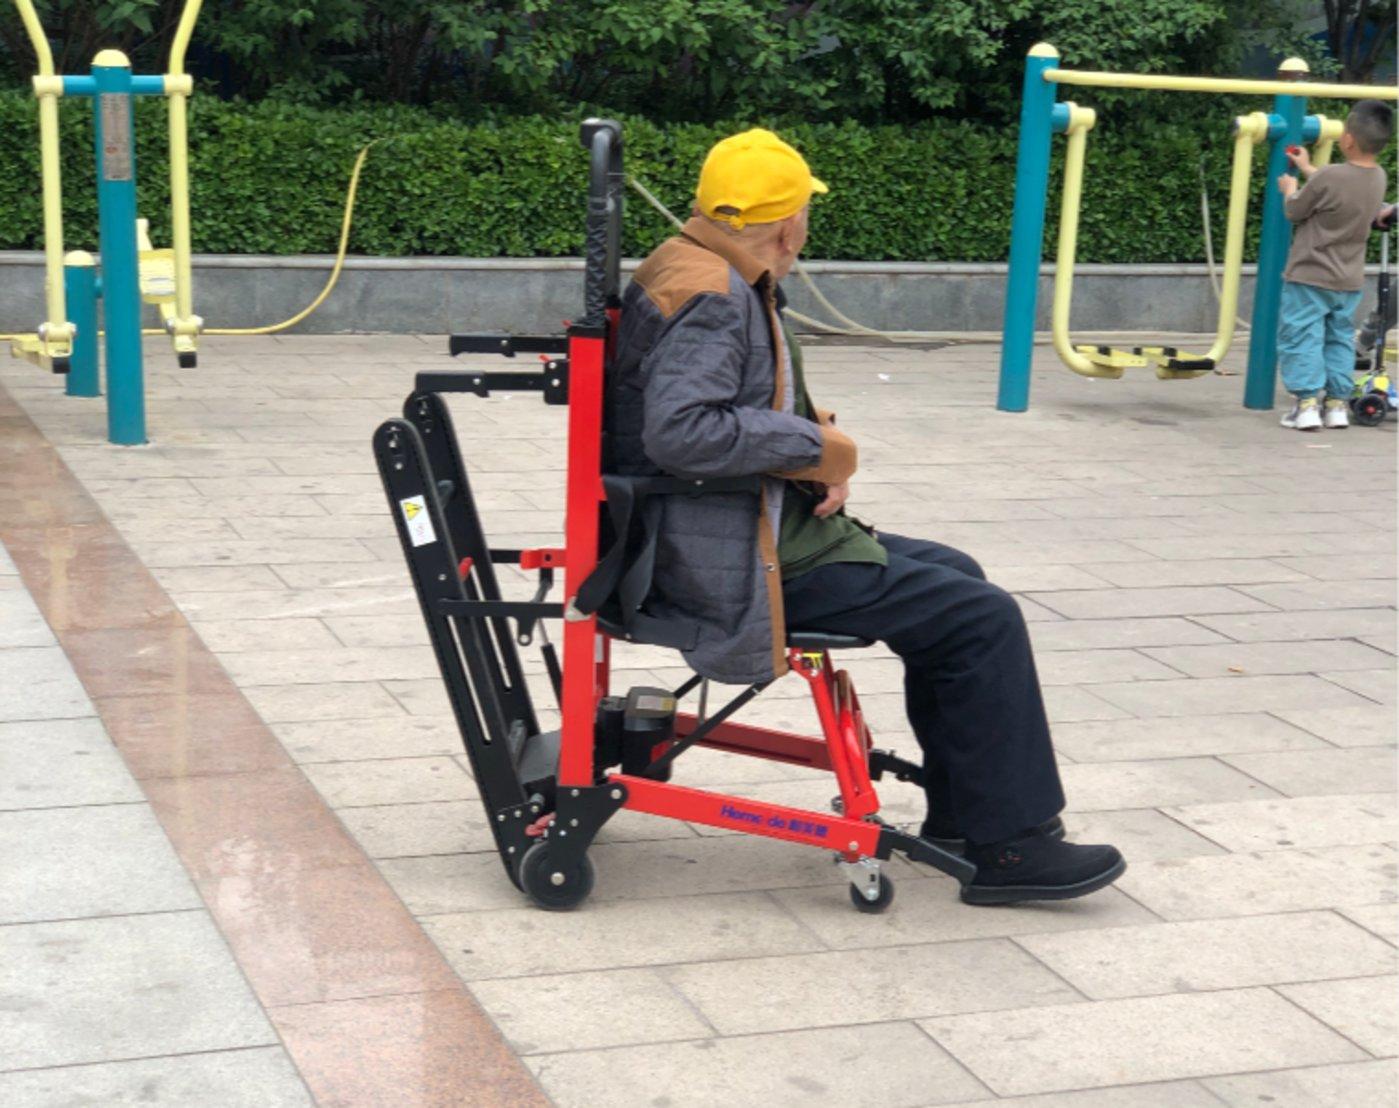 在公园遛弯大爷的装备上,我瞥见了一个万亿蓝海新市场